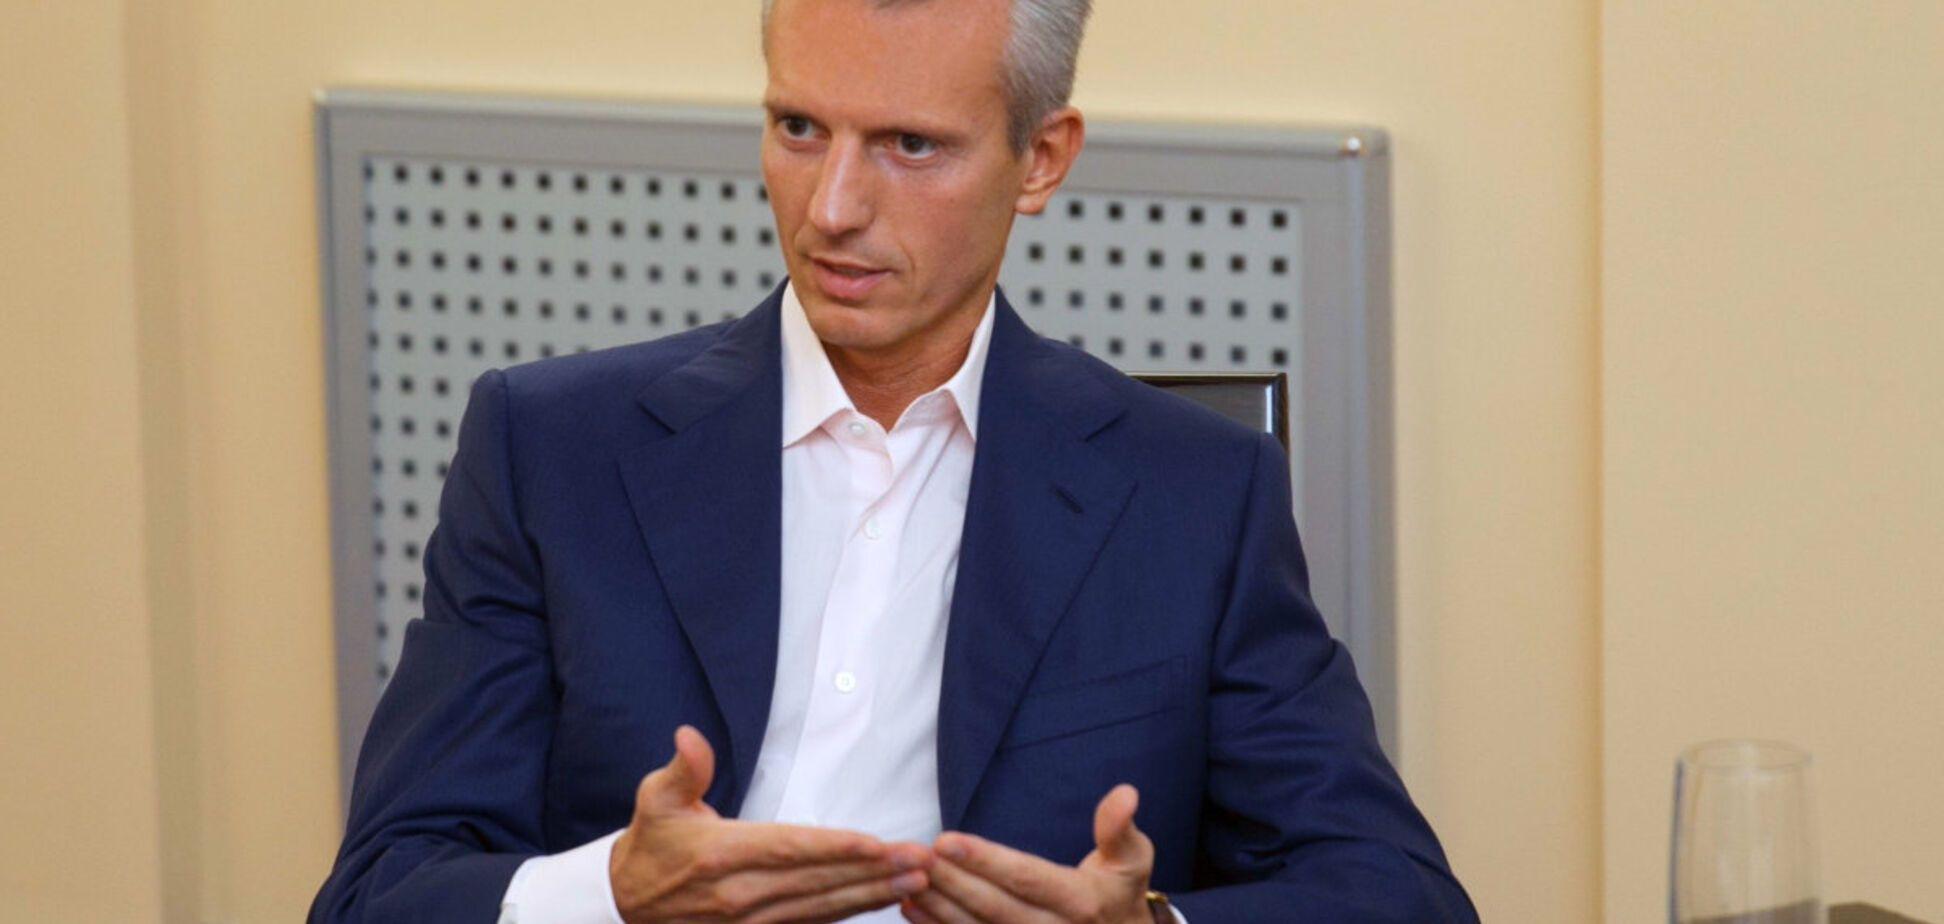 Хорошковский уже месяц контролирует Сбербанк - СМИ